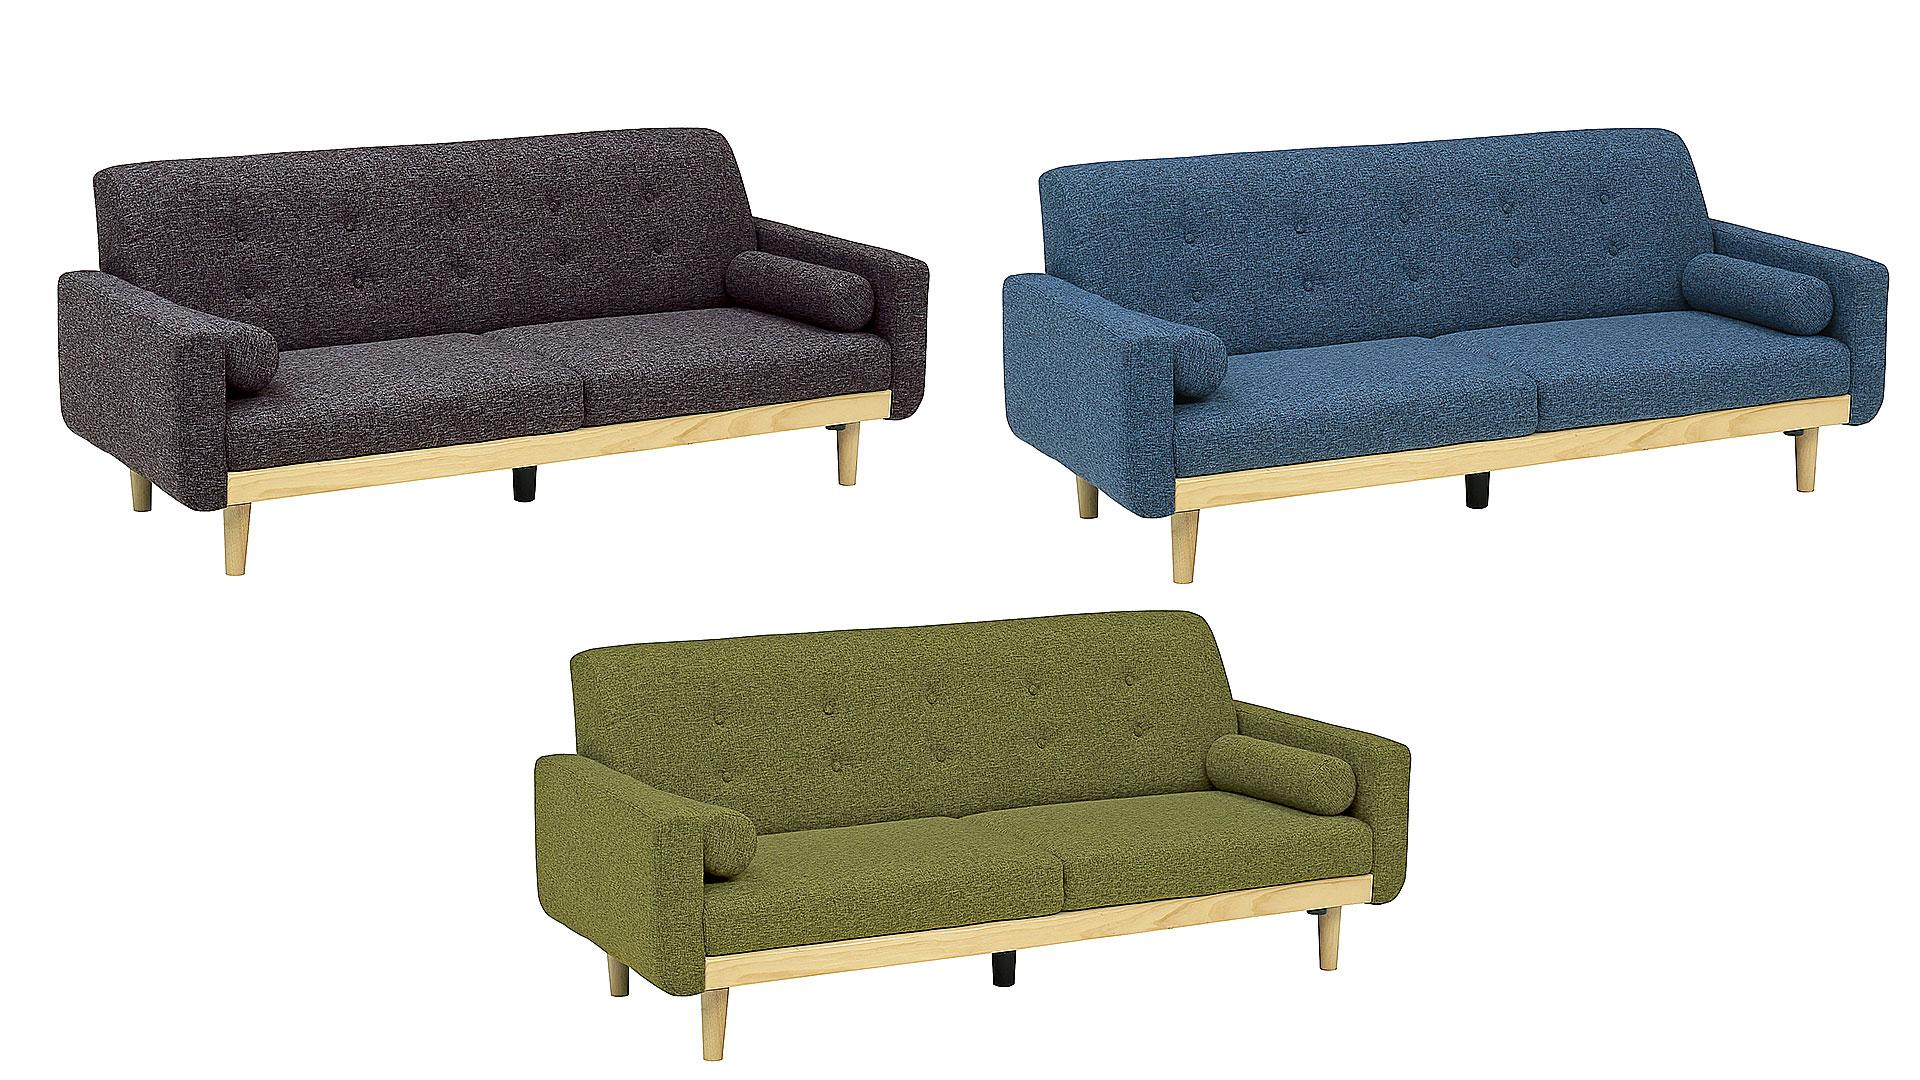 リビンズのソファ「アンジェリカ」の3色の画像